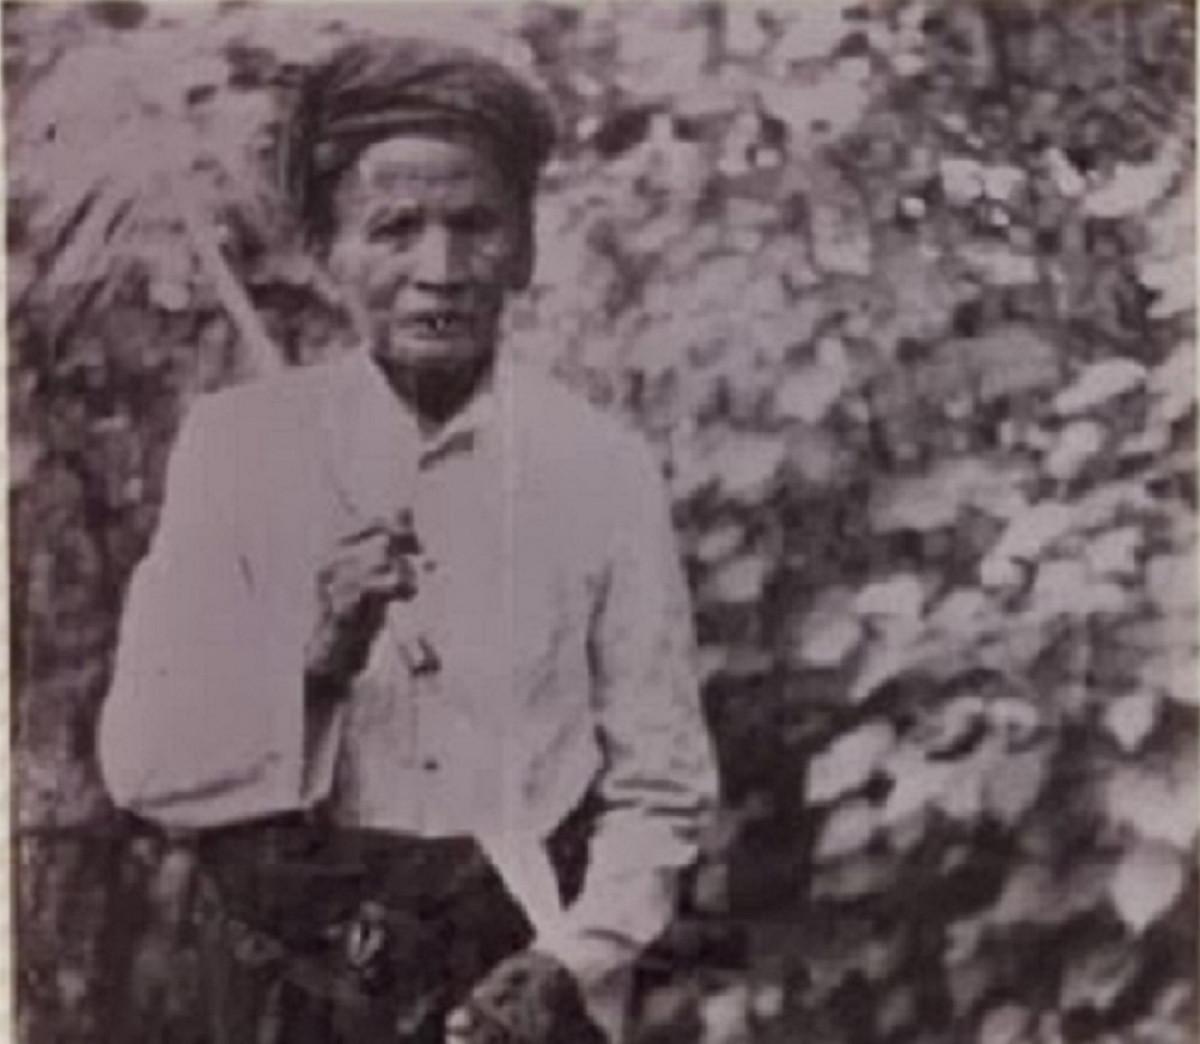 Mengulik Kisah Pahlawan dari Flores, Motang Rua